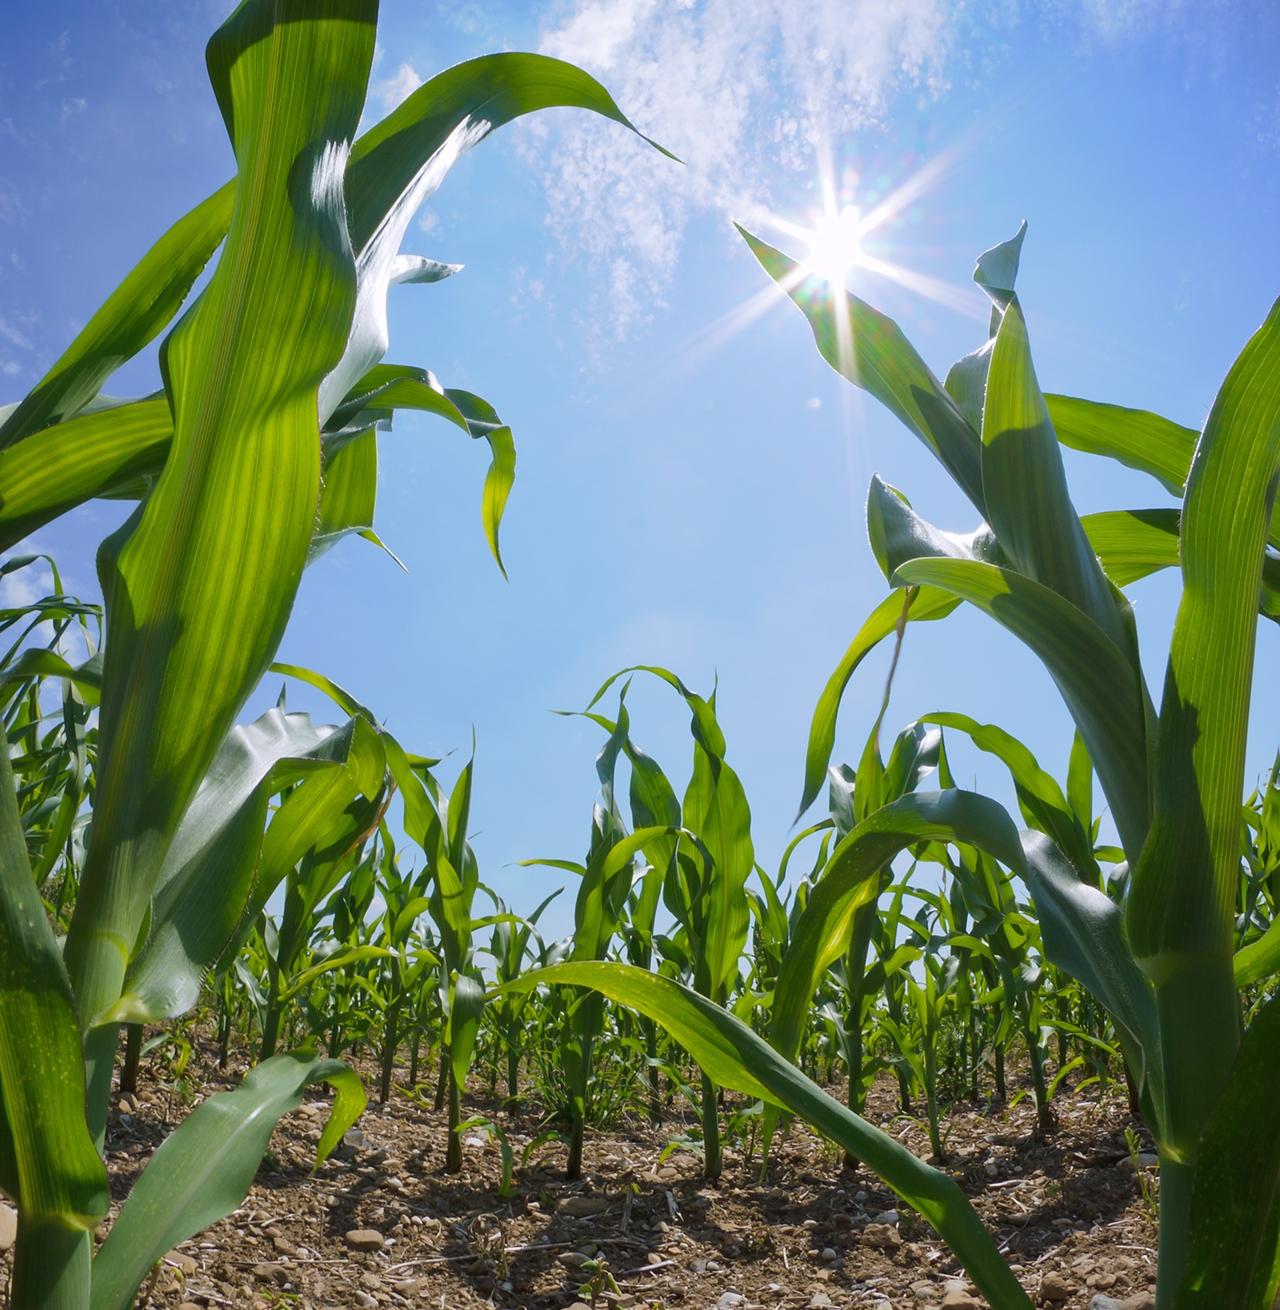 corn in field crop